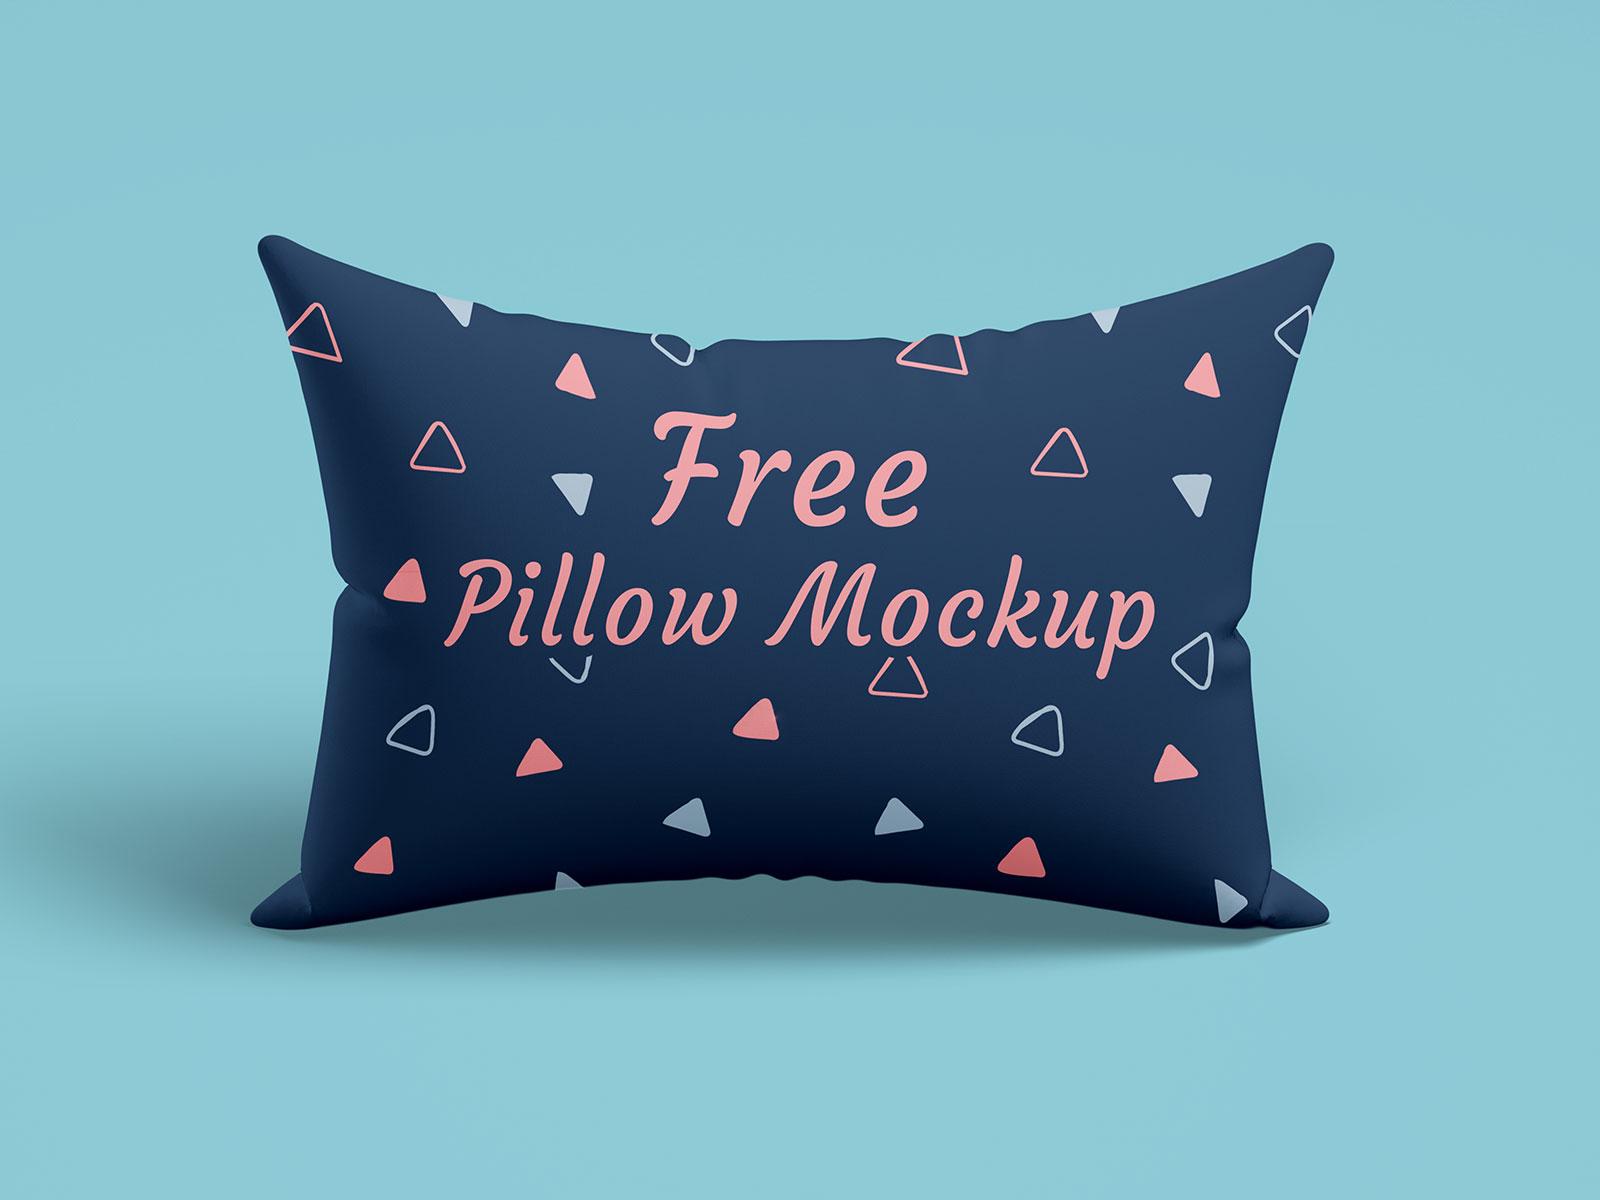 free rectangle pillow mockup psd set